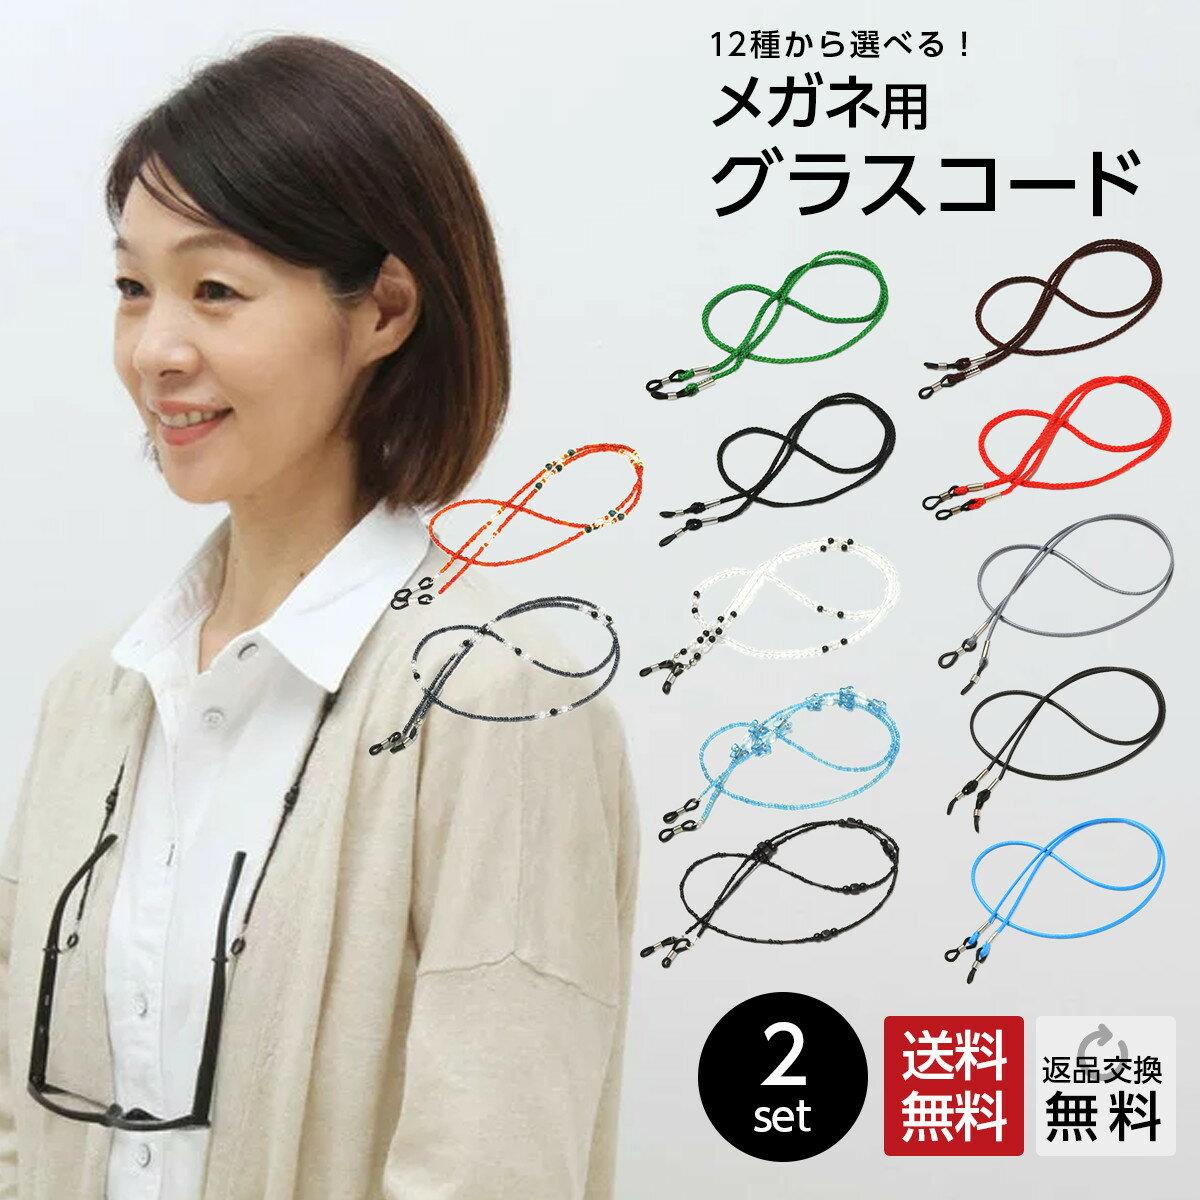 眼鏡 チェーン メガネチェーン ストラップ グラスコード おしゃれ 軽い メガネコード メガネホルダー 選べる2本セット 全12タイプ ハンドメイドビーズ レザー調 組紐